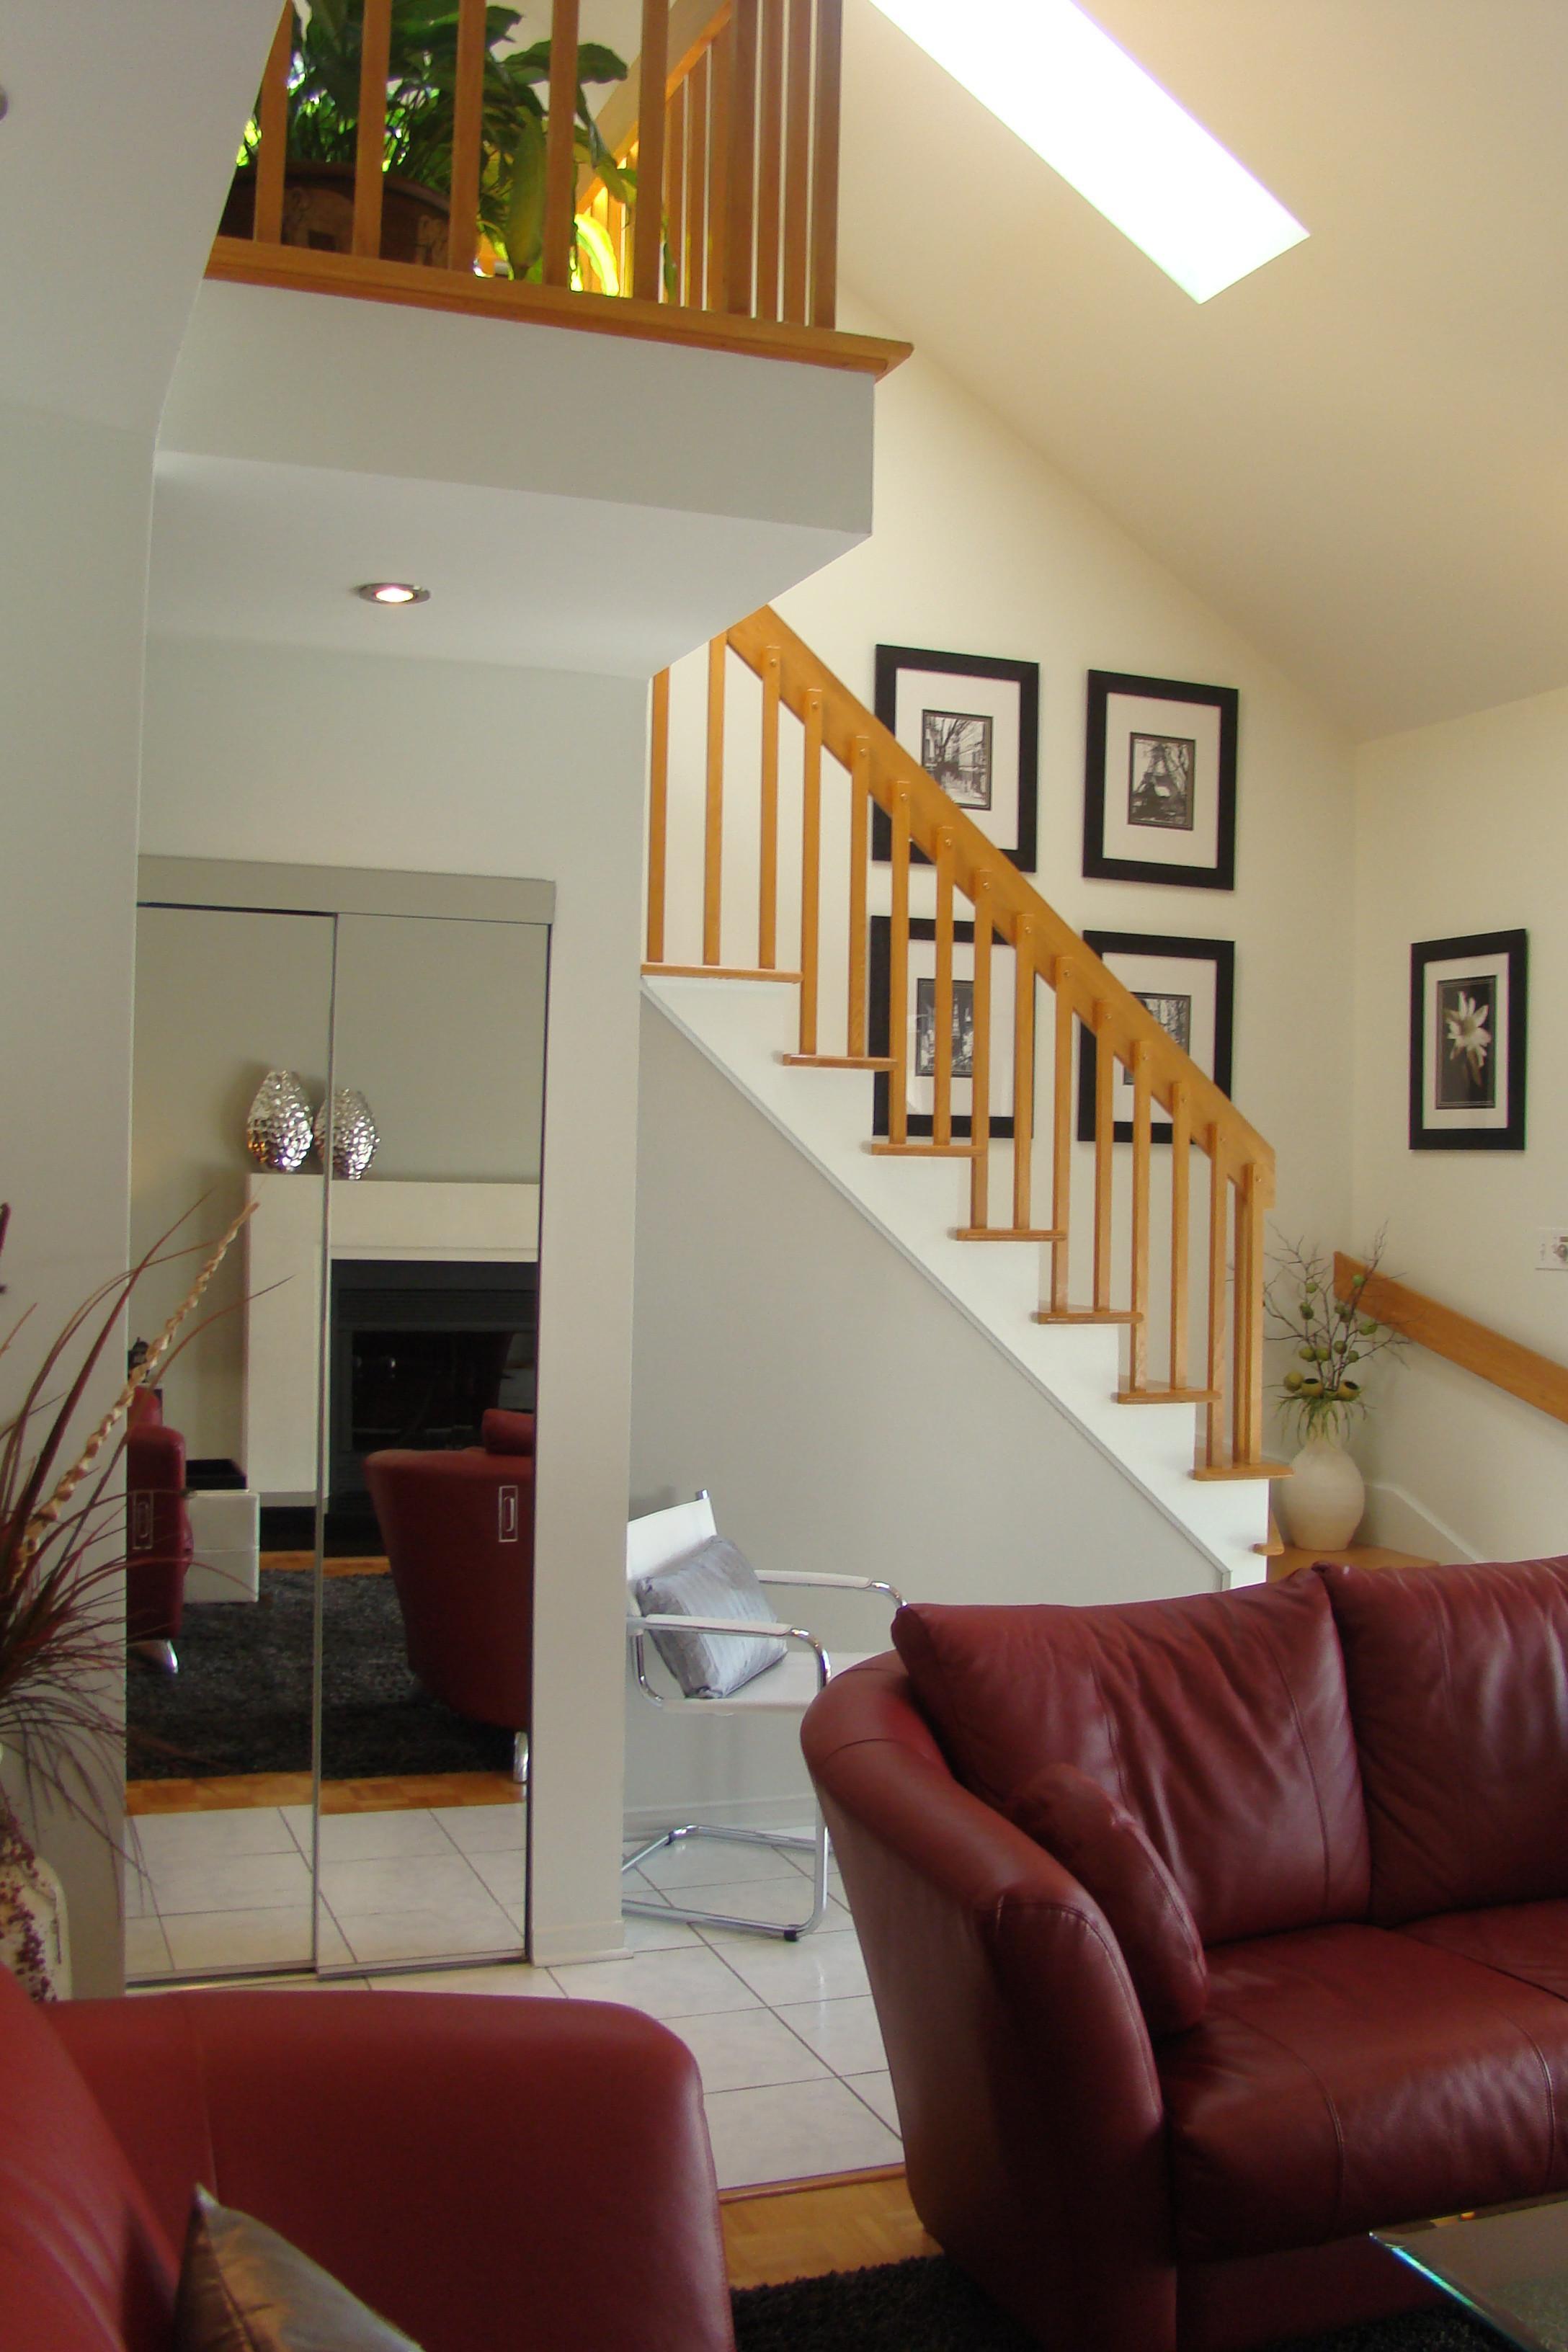 Under Stair Storage Ideas Home Decor Stairs - Decoratorist ...